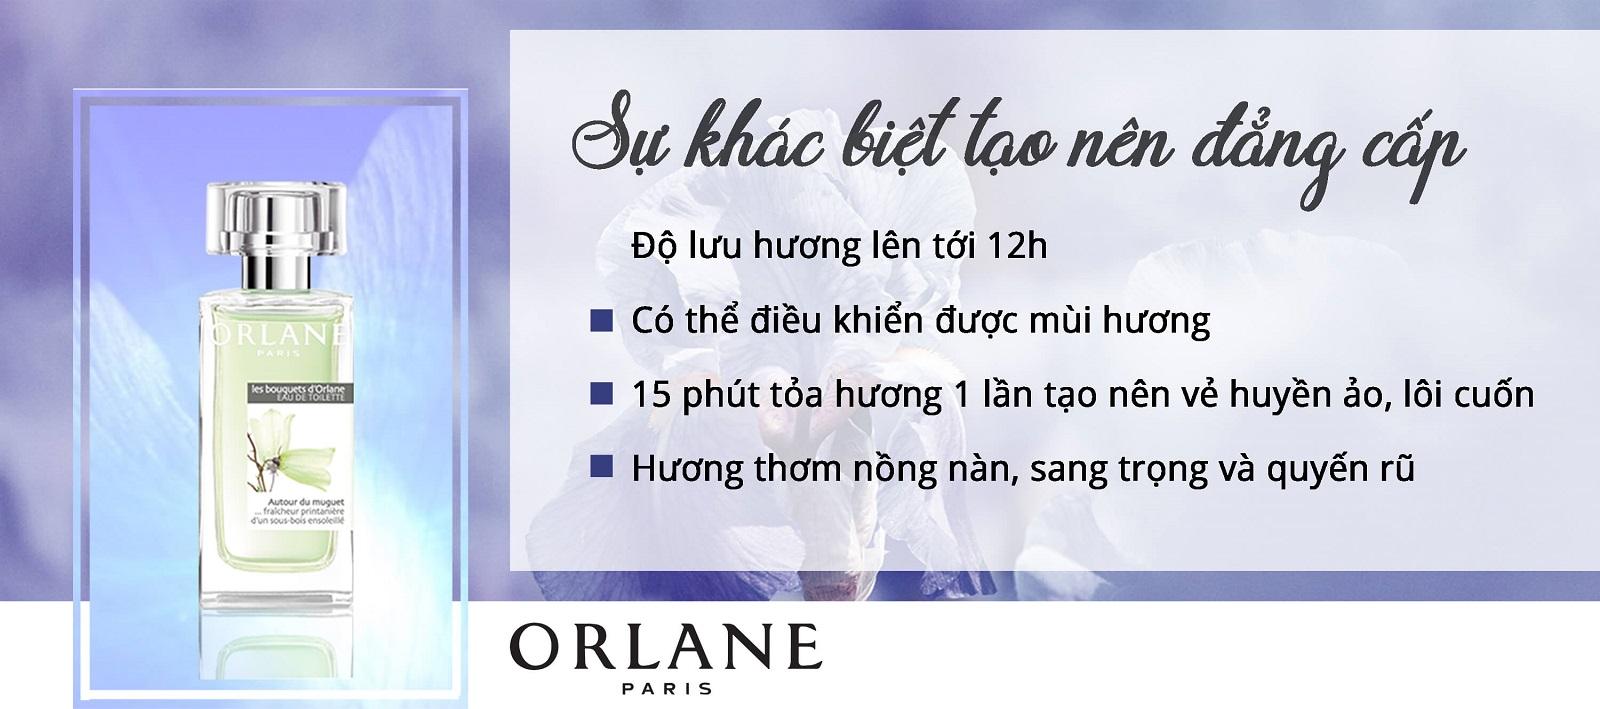 nuoc hoa orlane khuyen mai (4)